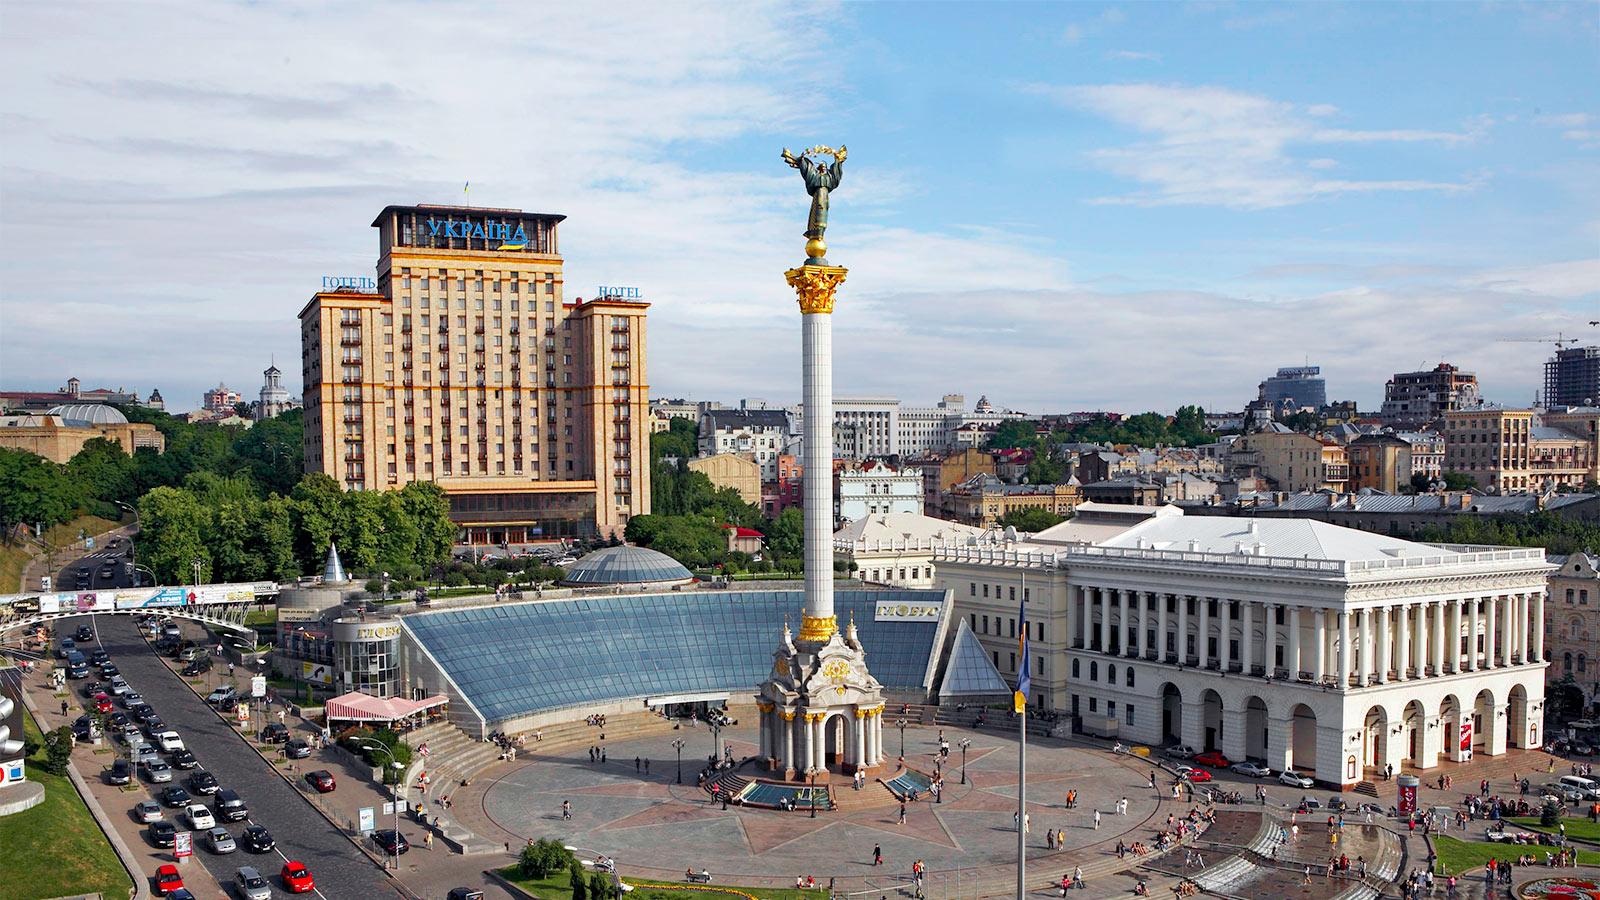 UKRAINE.UA – l'Ucraina in rete – Turismo , Arte, Moda, Cultura, Investimenti, studiare in Ucraina, ecco il sito ufficiale!